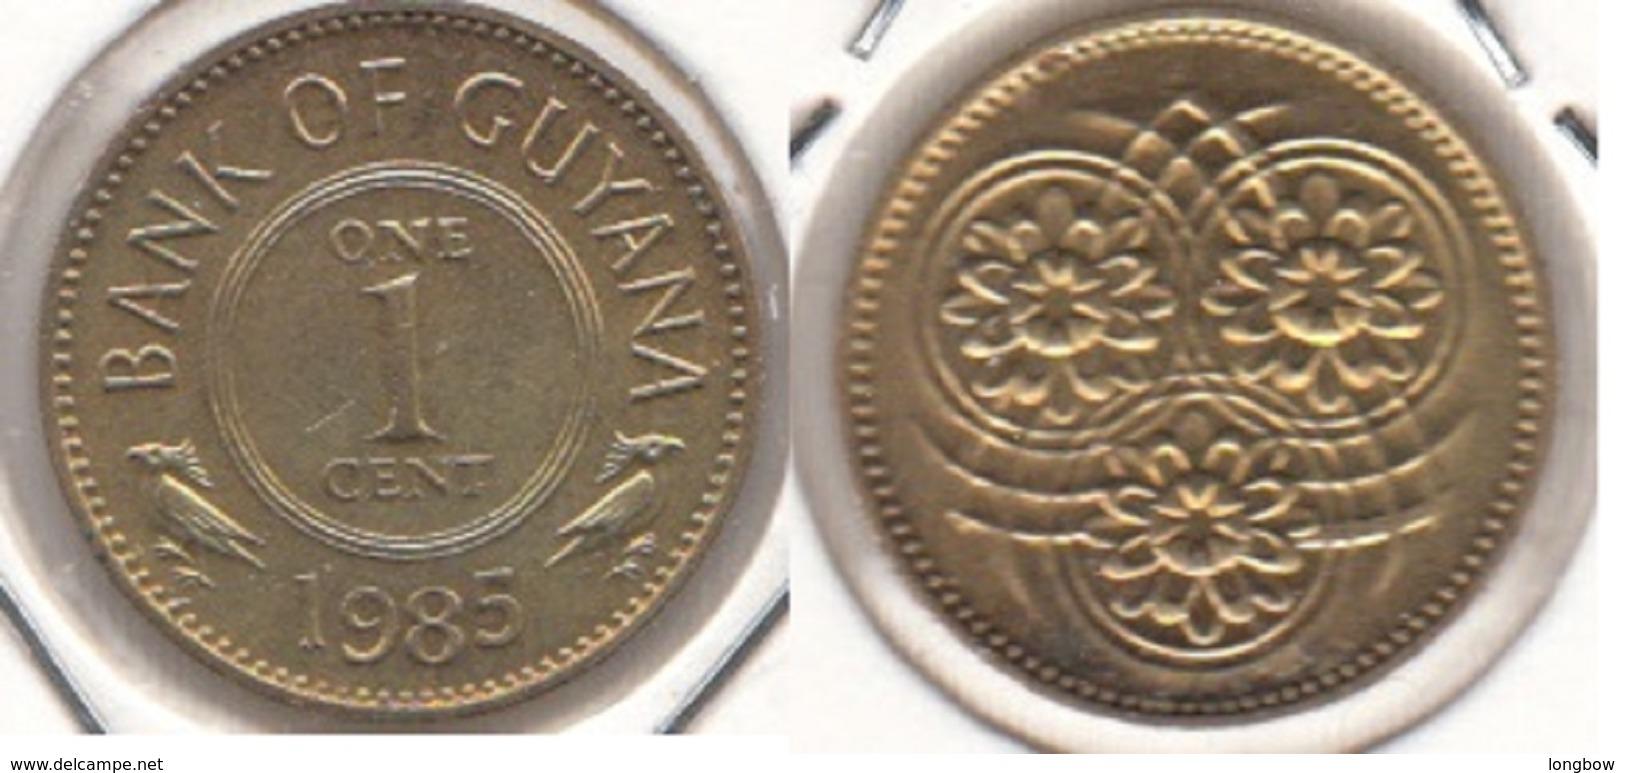 Guyana 1 Cent 1985 KM#31 - Used - Guyana